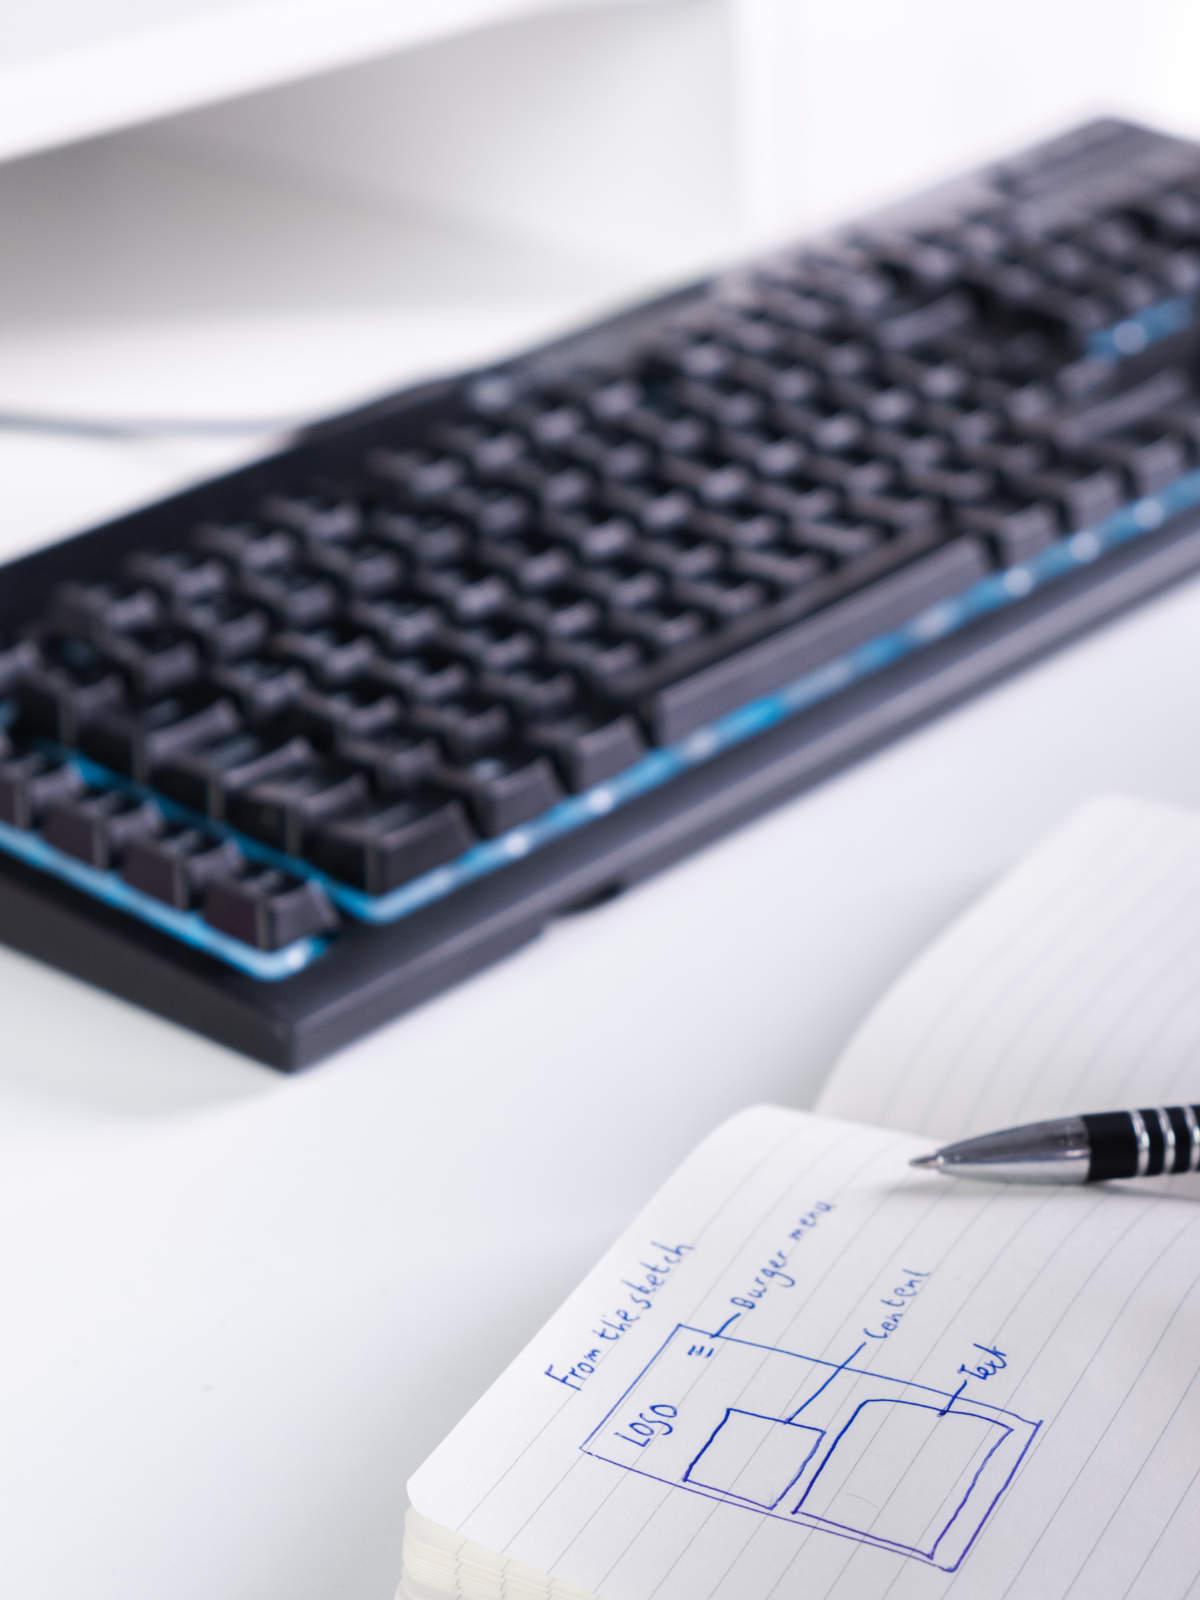 Blik op notitieboek met aantekeningen en pen, toetsenbord en onderkant computerscherm